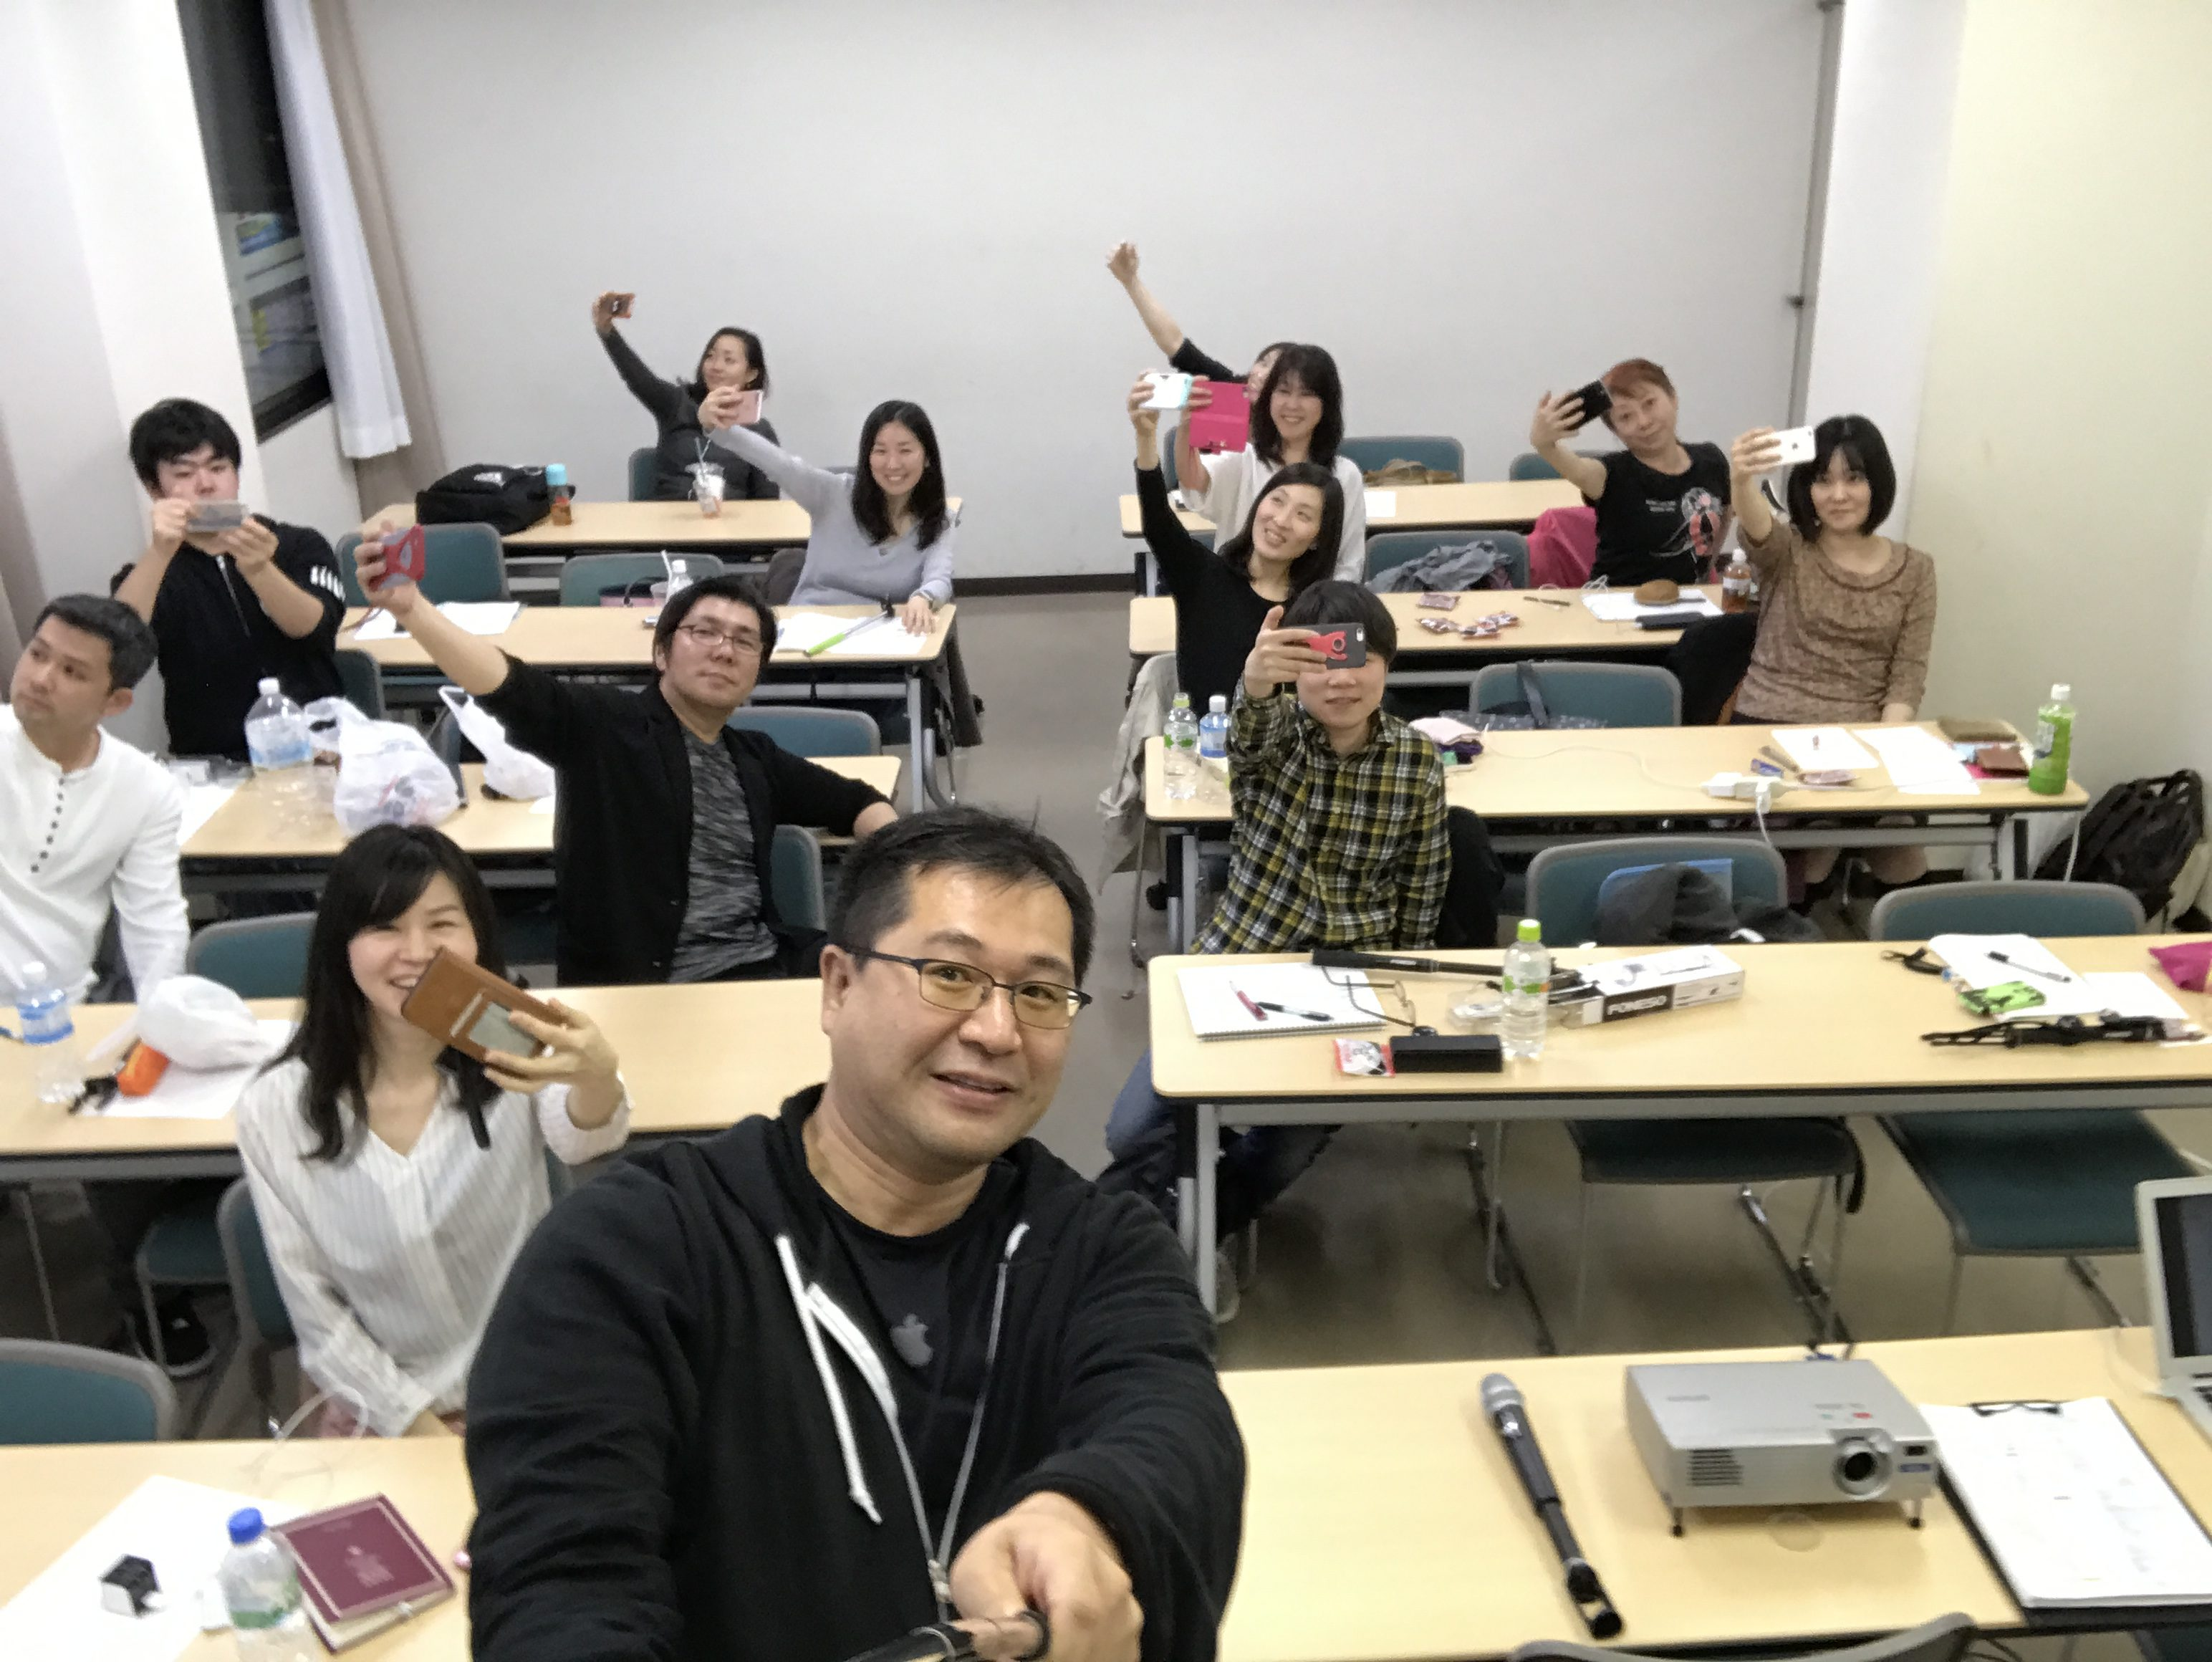 佐野稔さんのFacebookマーケティングラボラトリー1日目に参加して、Facebook投稿の奥深さを知る